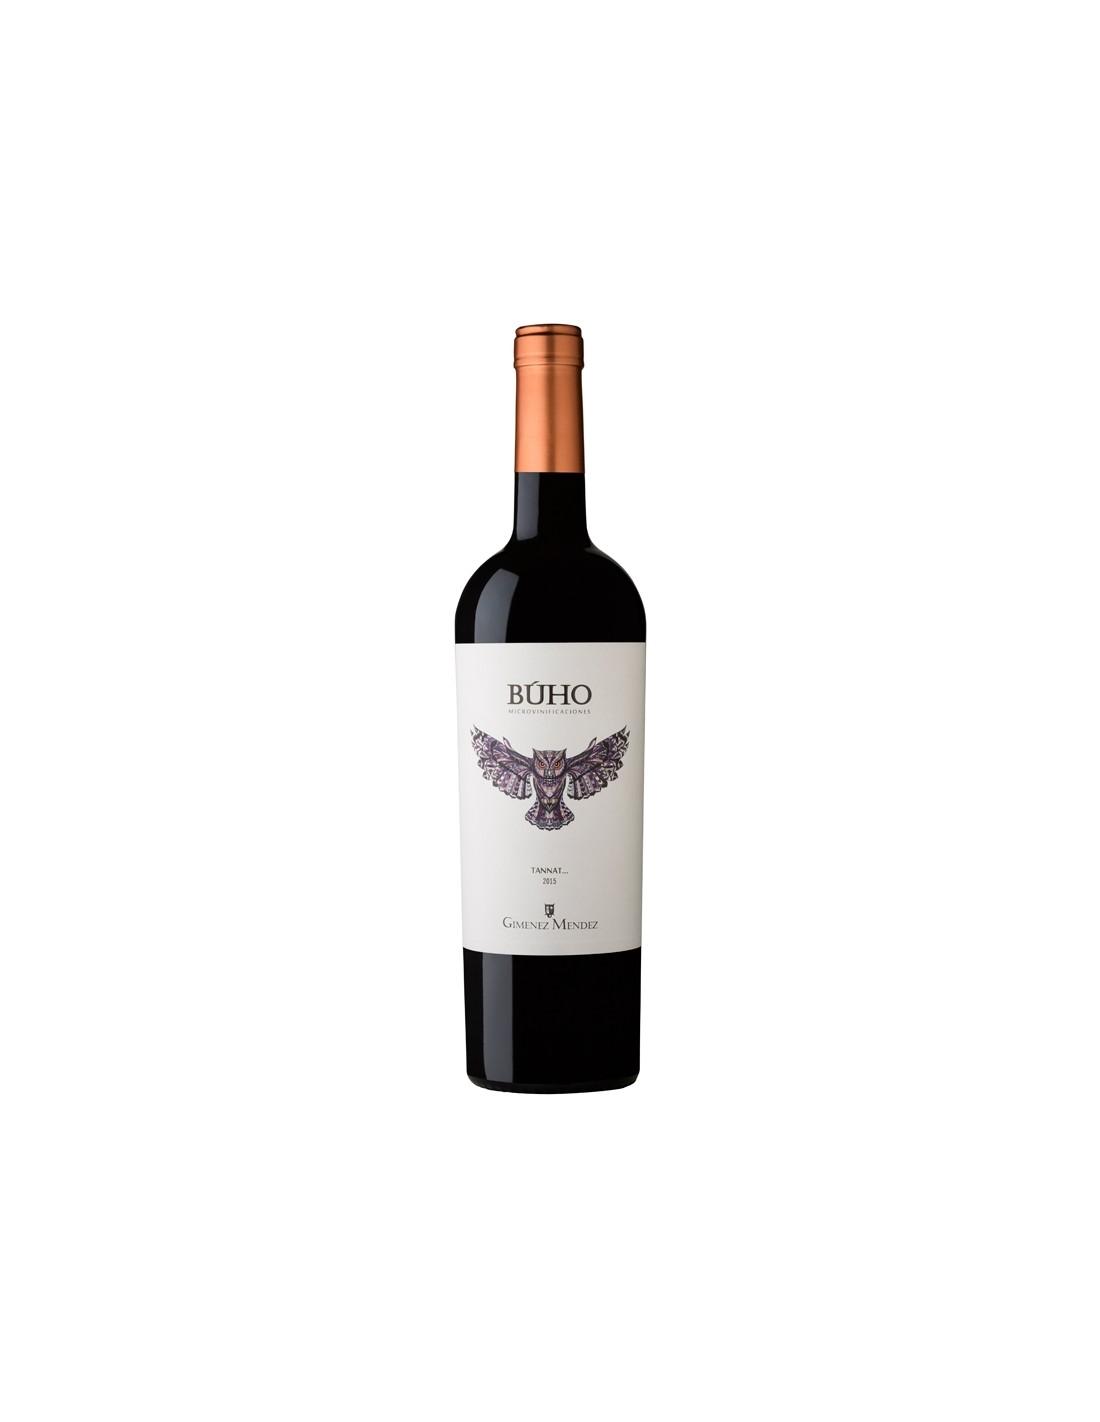 Vin rosu, Tannat, Buho Microvinificaciones, 0.75L, 14.5% alc., Uruguay